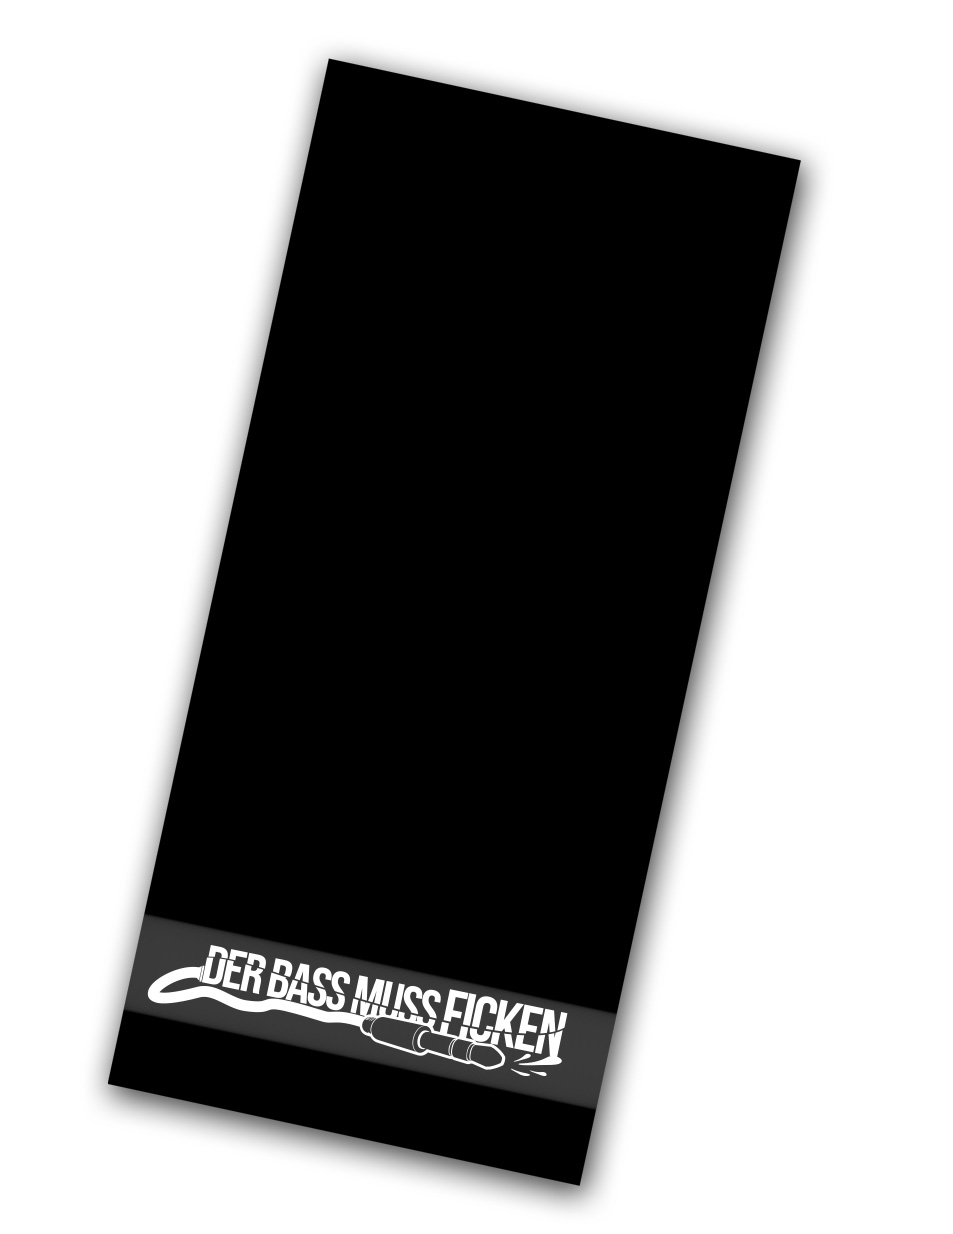 Der Bass muss ficken Handtuch - 3er Bundle weiß auf schwarz